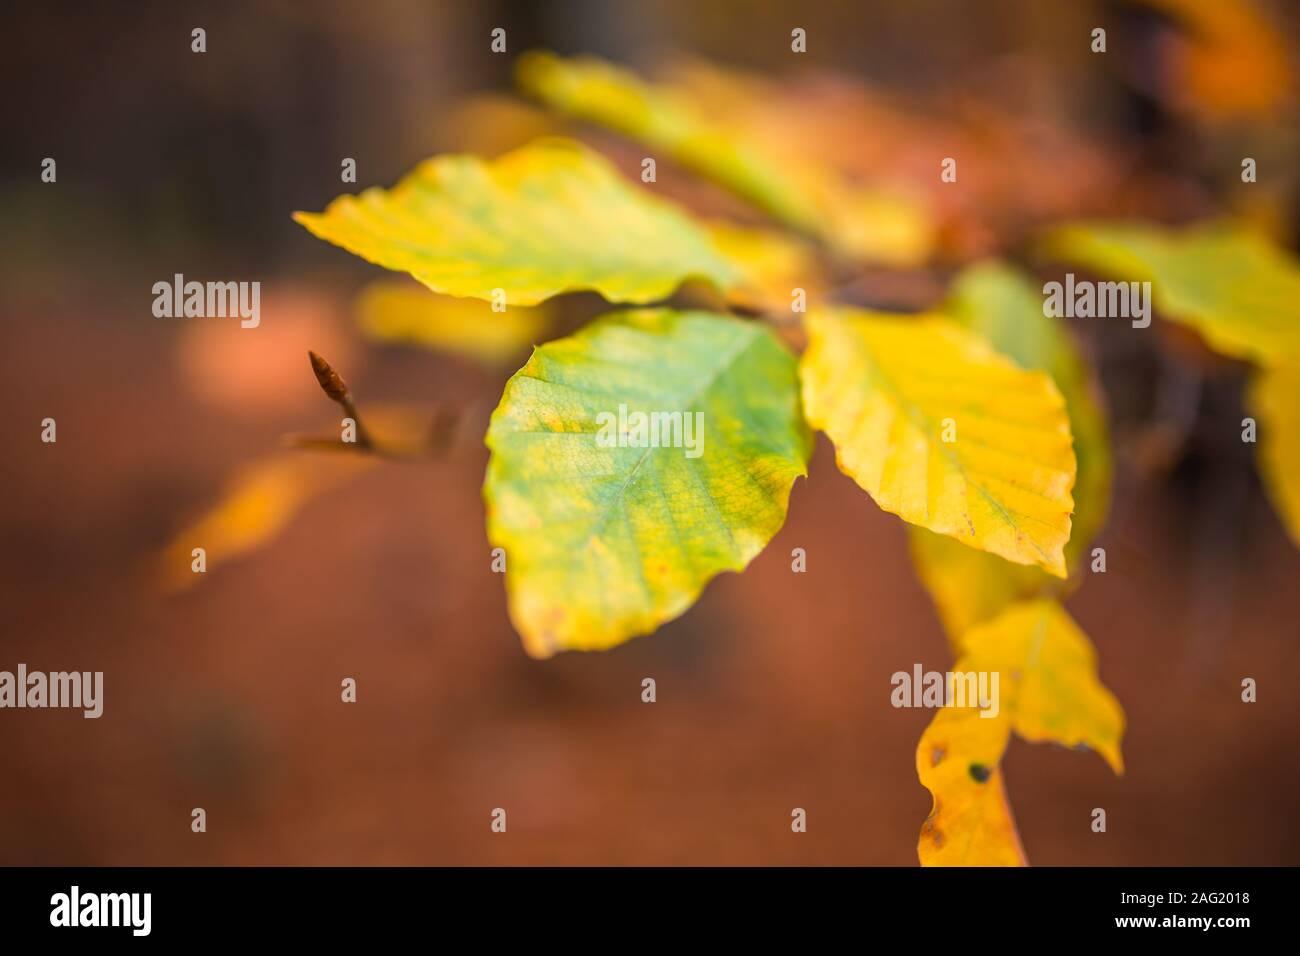 Close up image de l'automne les feuilles d'orange douce à la lumière d'or dans la région de Forrest. Banque D'Images